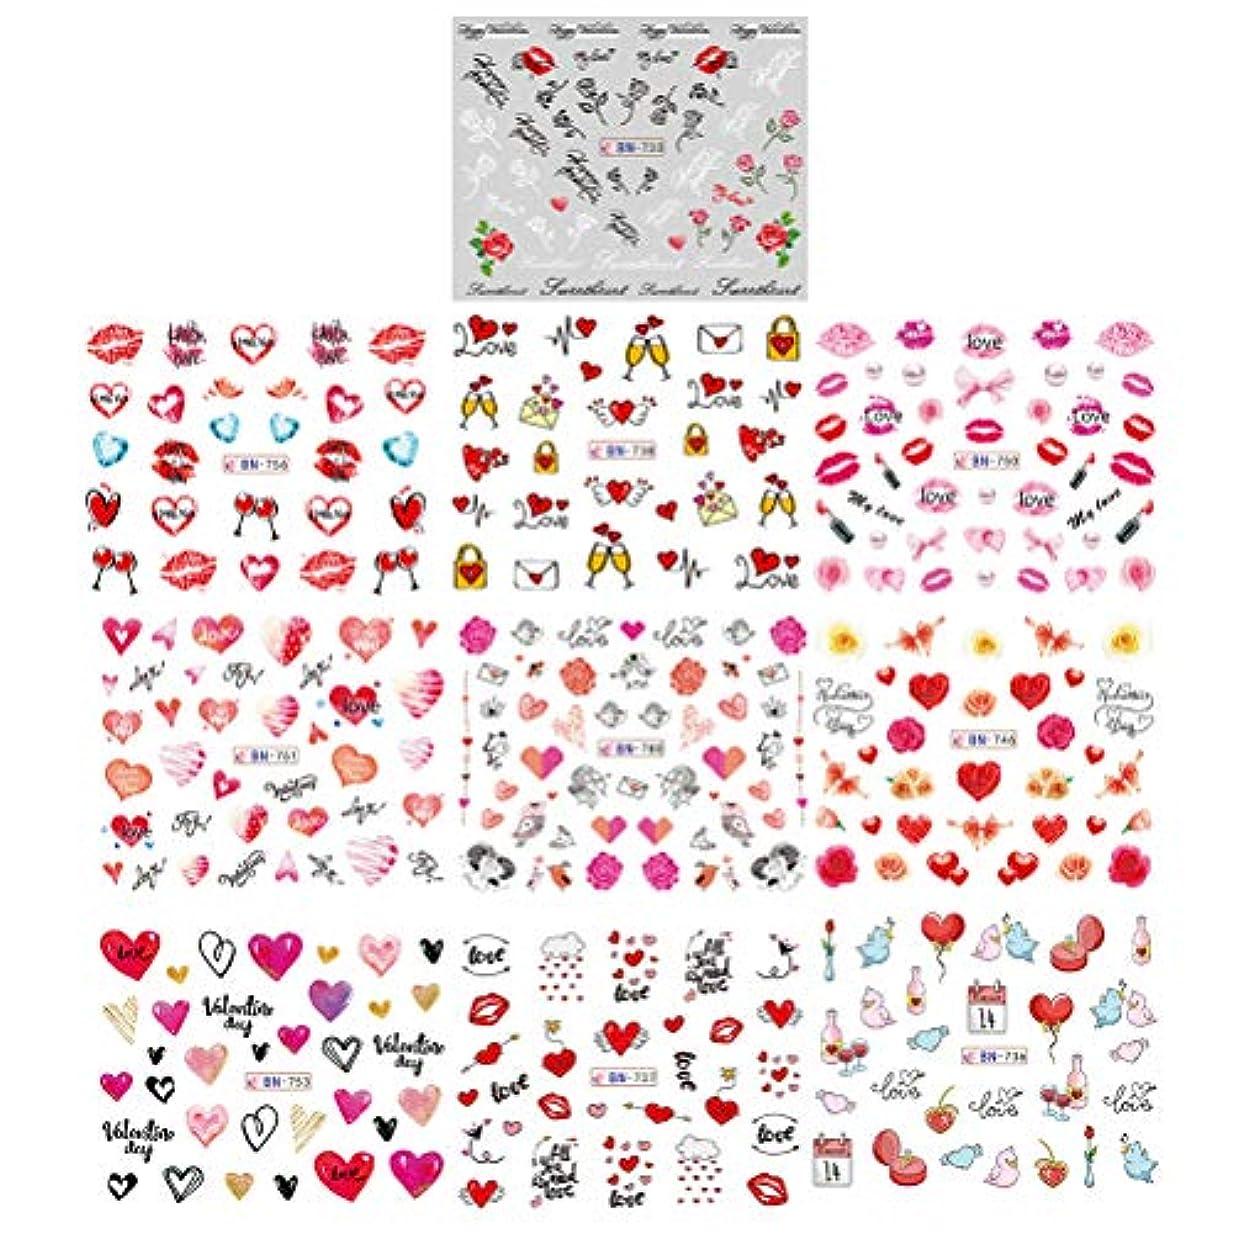 大事にする明るくするいたずらなFrcolor ネイルシール love ネイルステッカー 花柄デザイン ネイルアートシール 爪に貼るだけ マニキュア 10枚セット バレンタインデー飾り